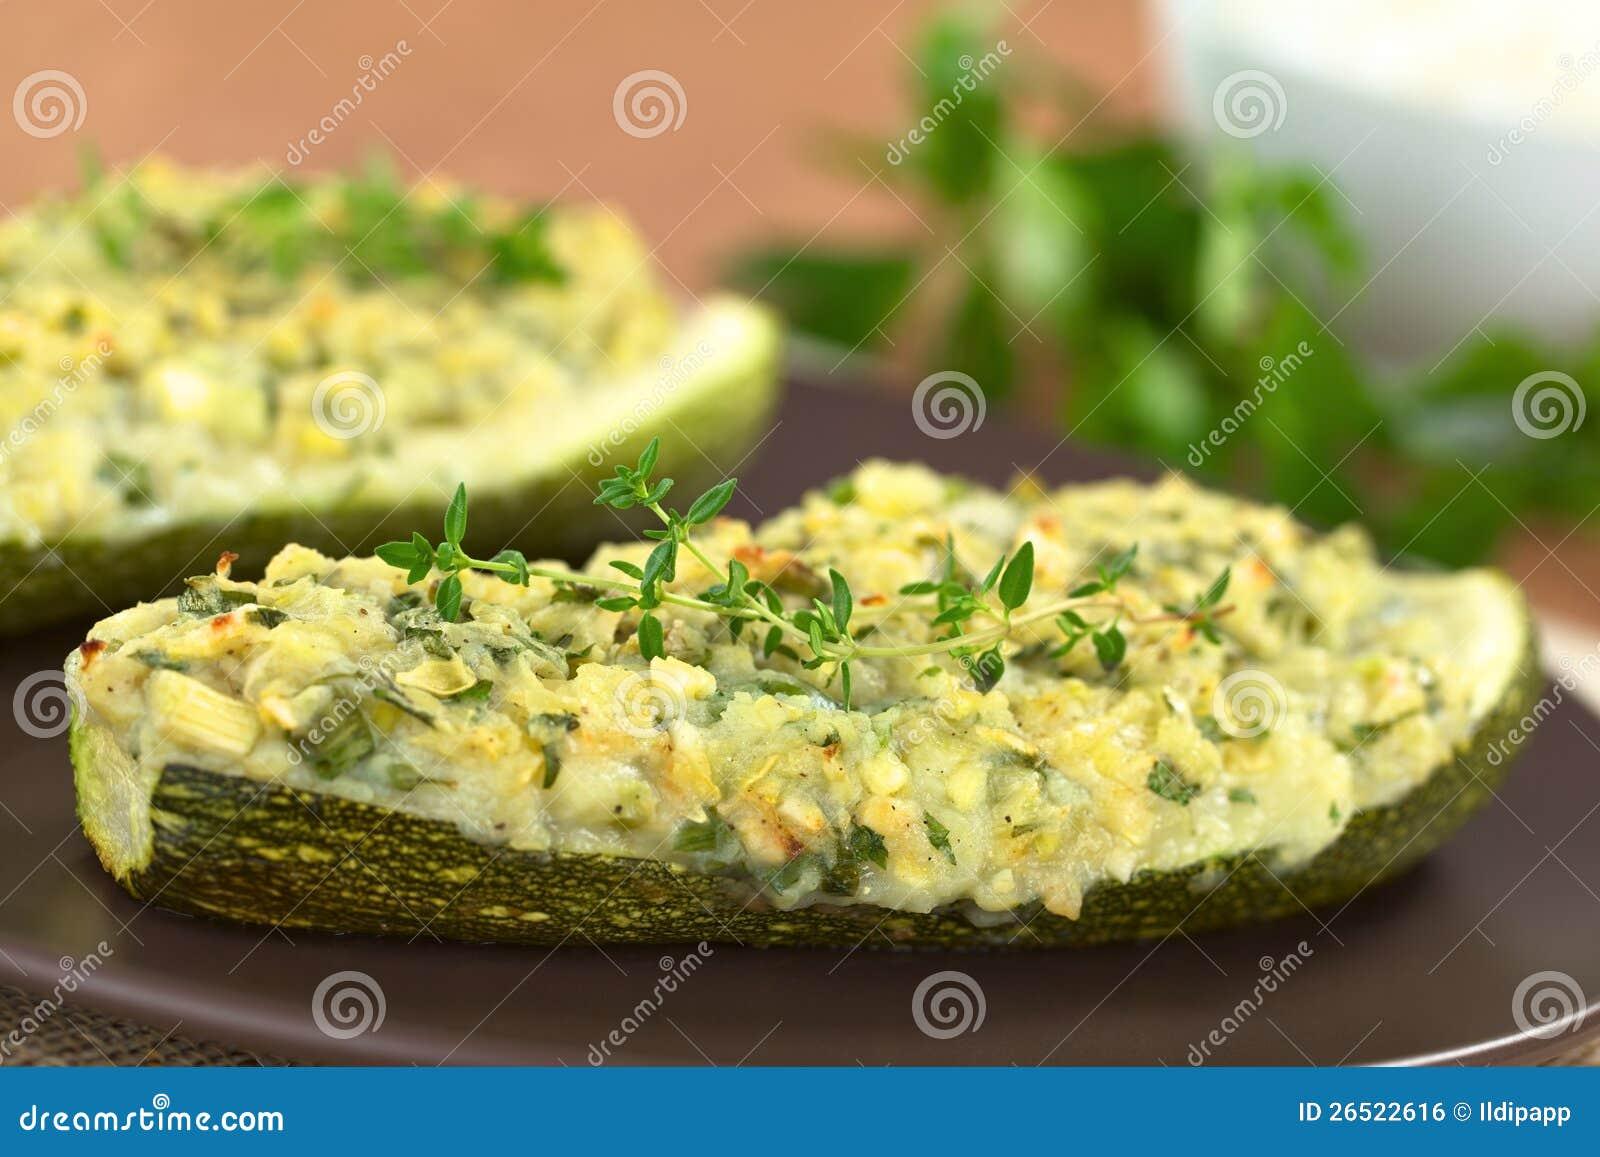 Zucchini enchido cozido